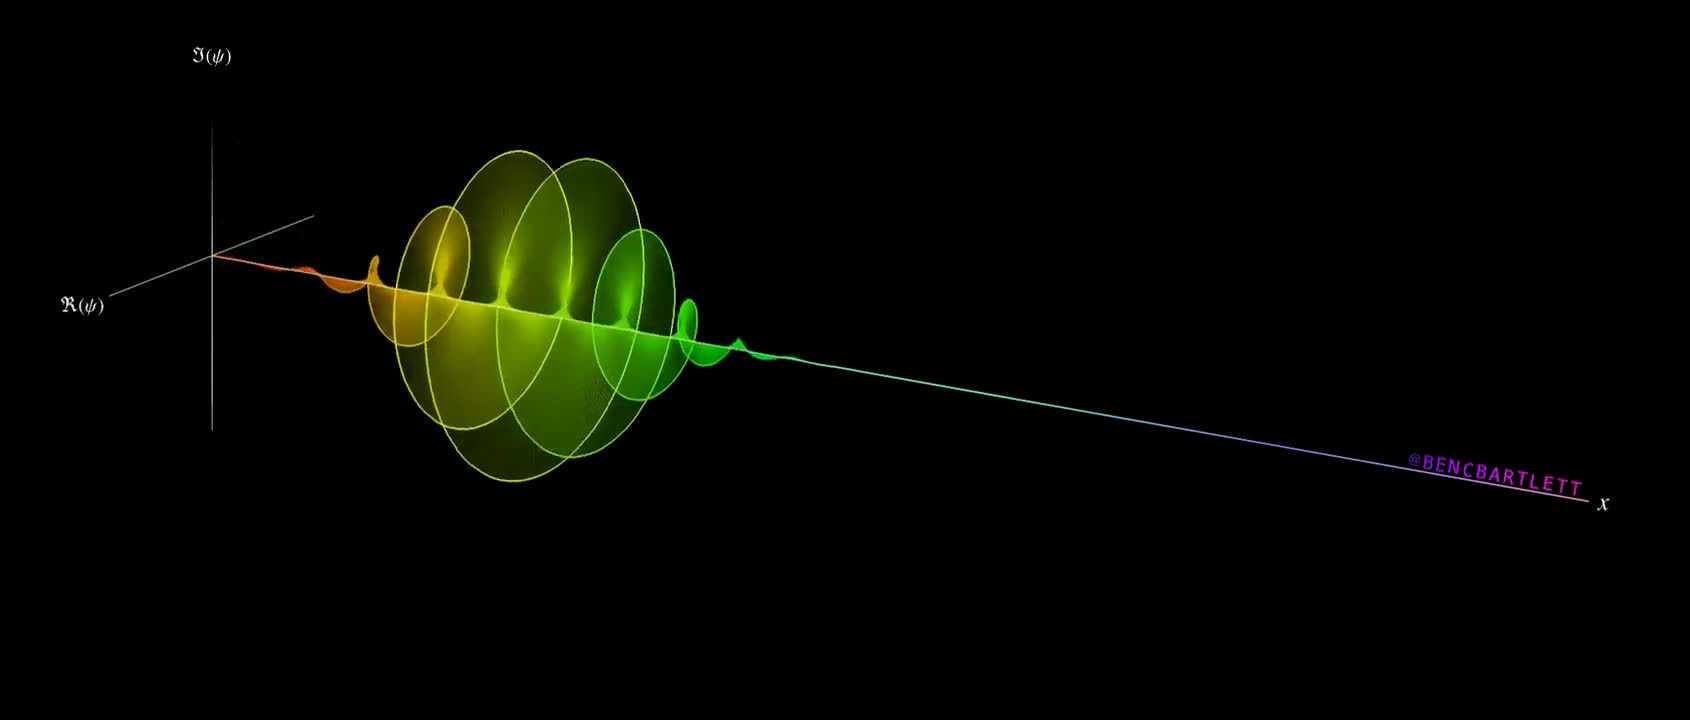 可视化:单光子脉冲通过类似玻璃的色散介质传播 GitHub: